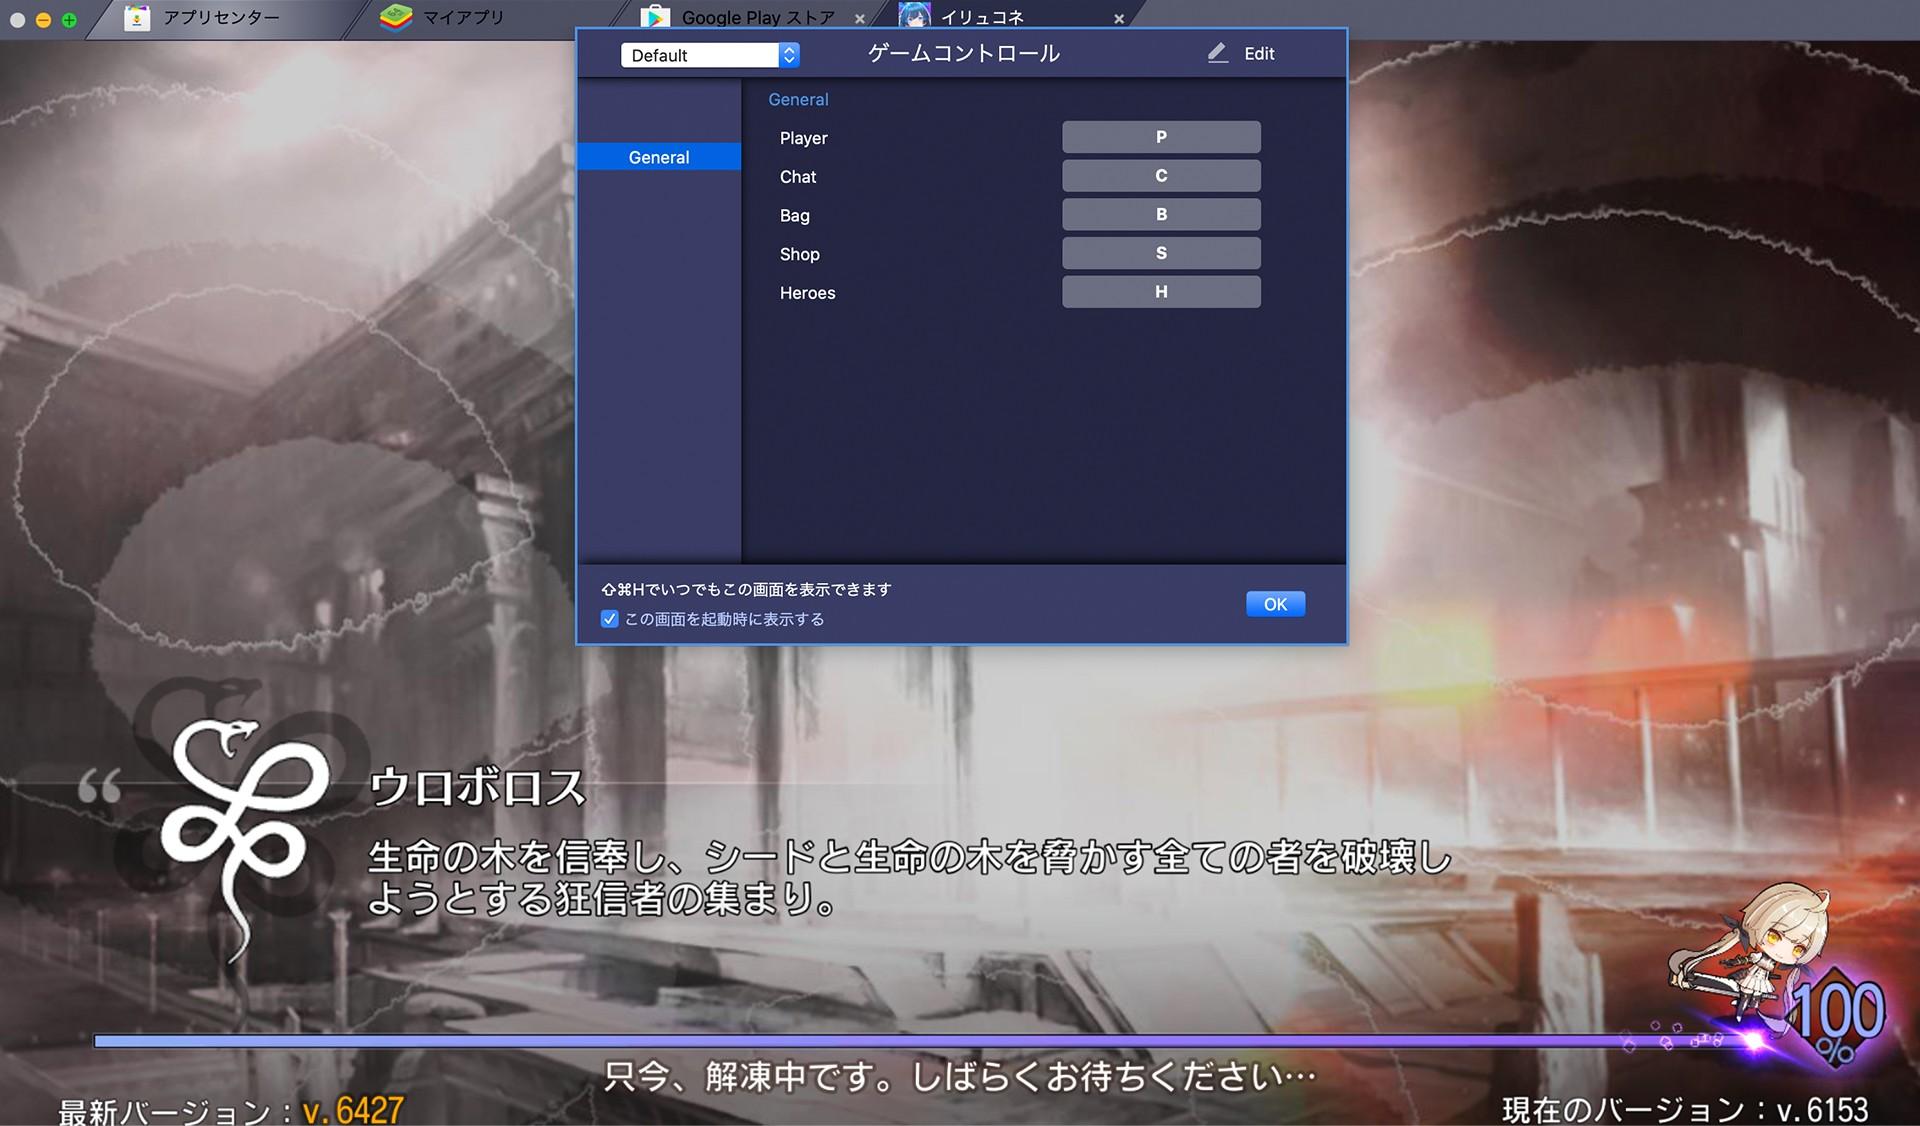 BlueStacksを使ってPCで『イリュージョンコネクト』を遊ぼう